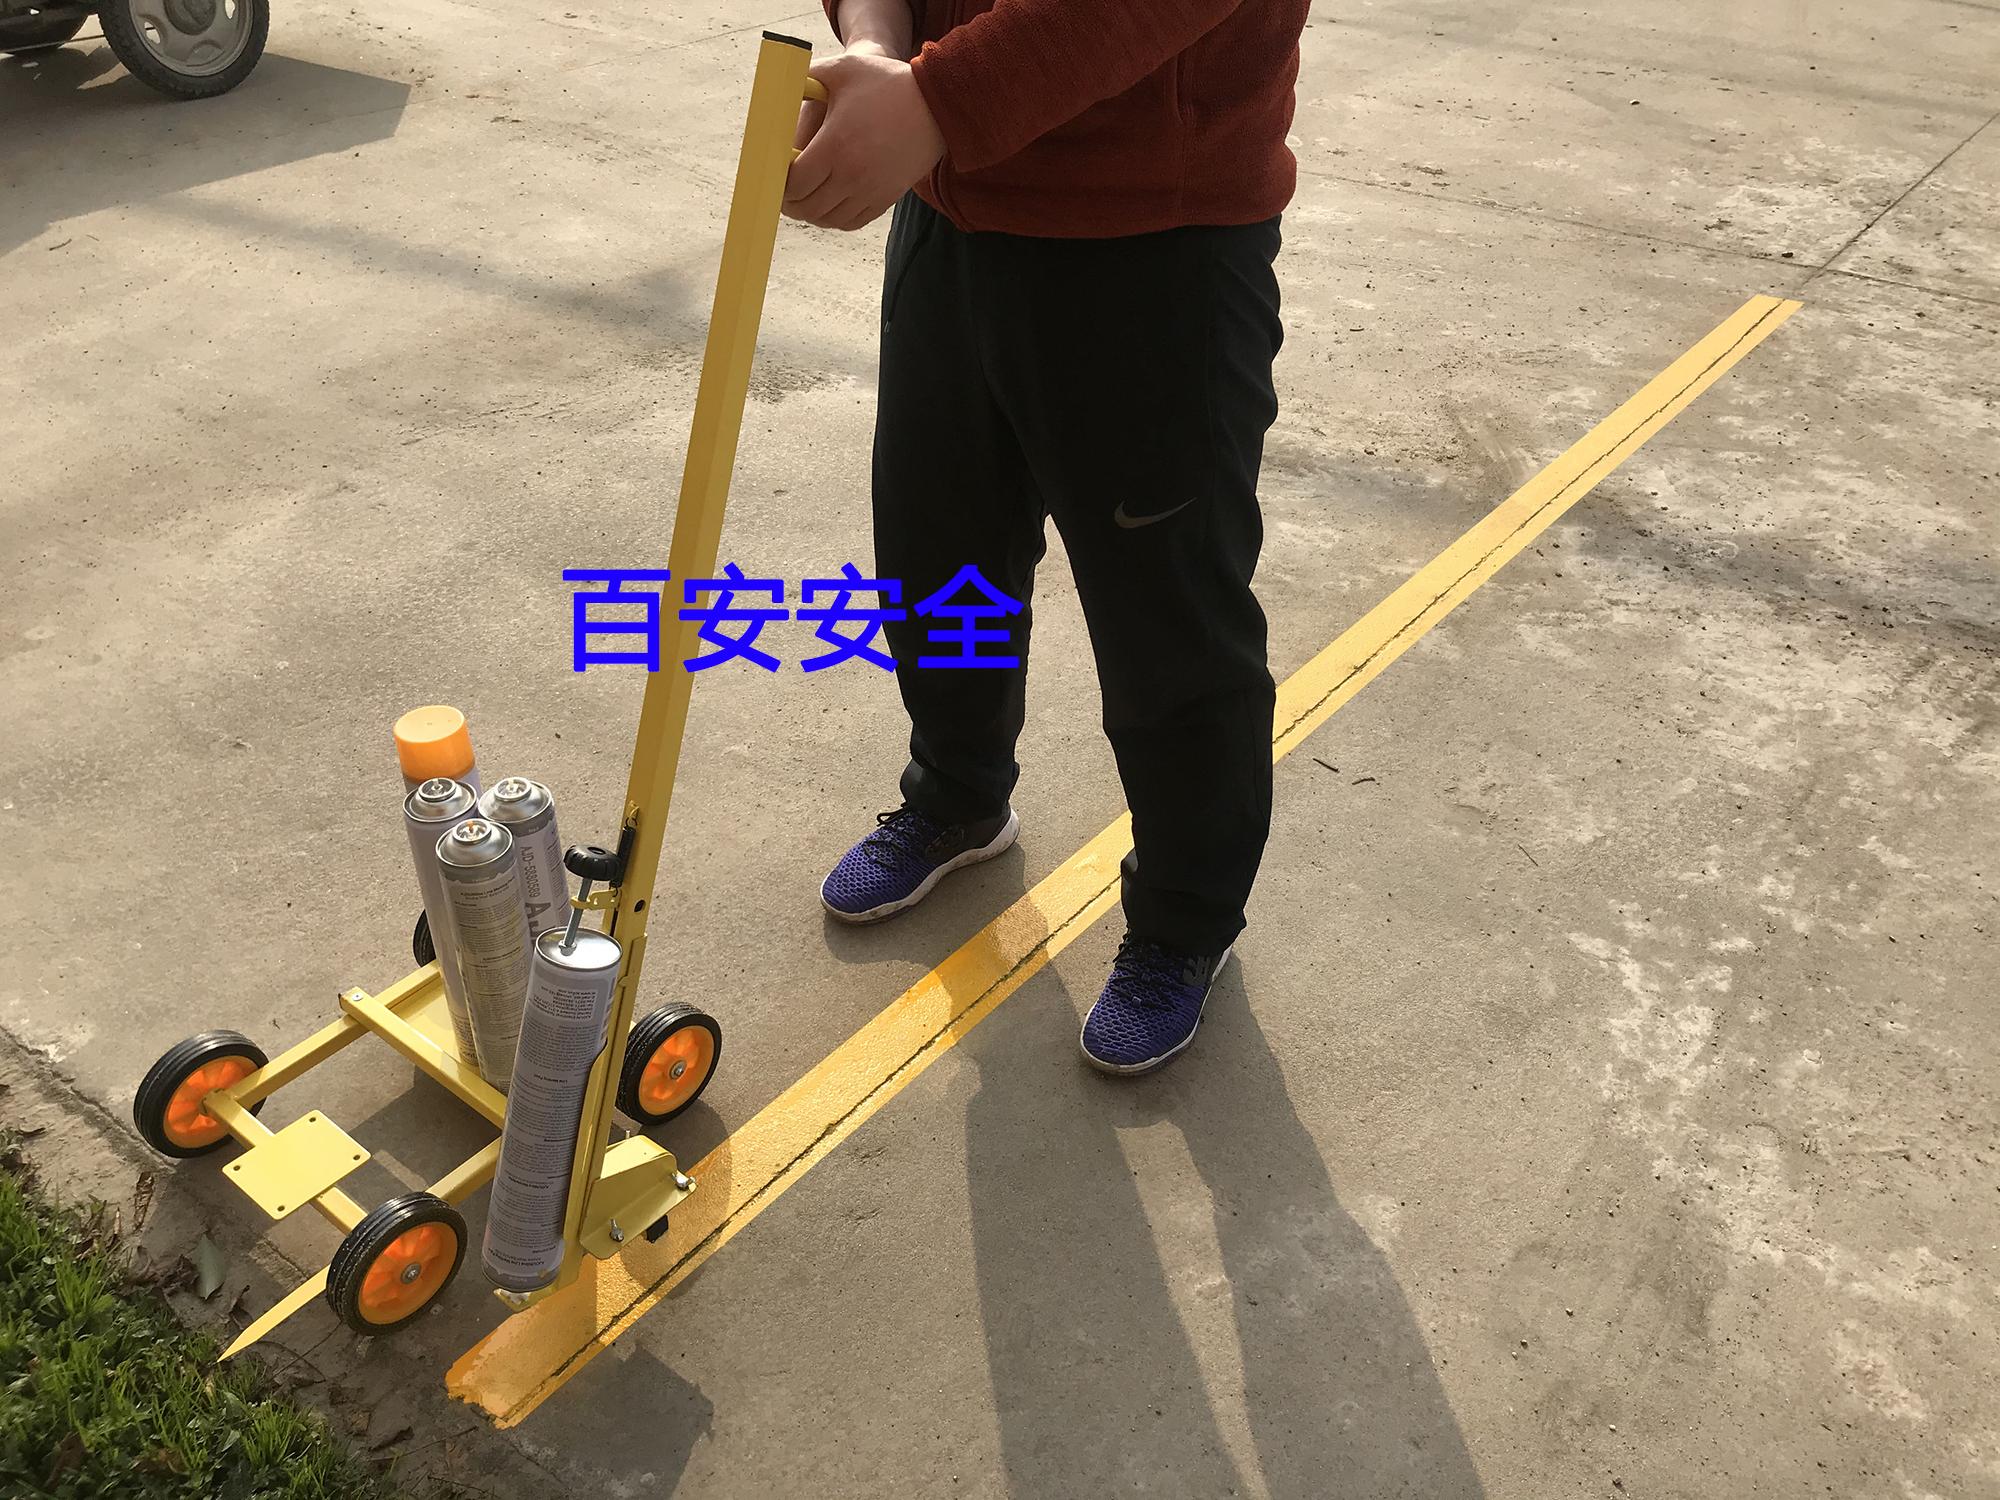 油漆划线车油漆画线车仓库车位划线器道路划线漆工厂区车间划线机详细照片